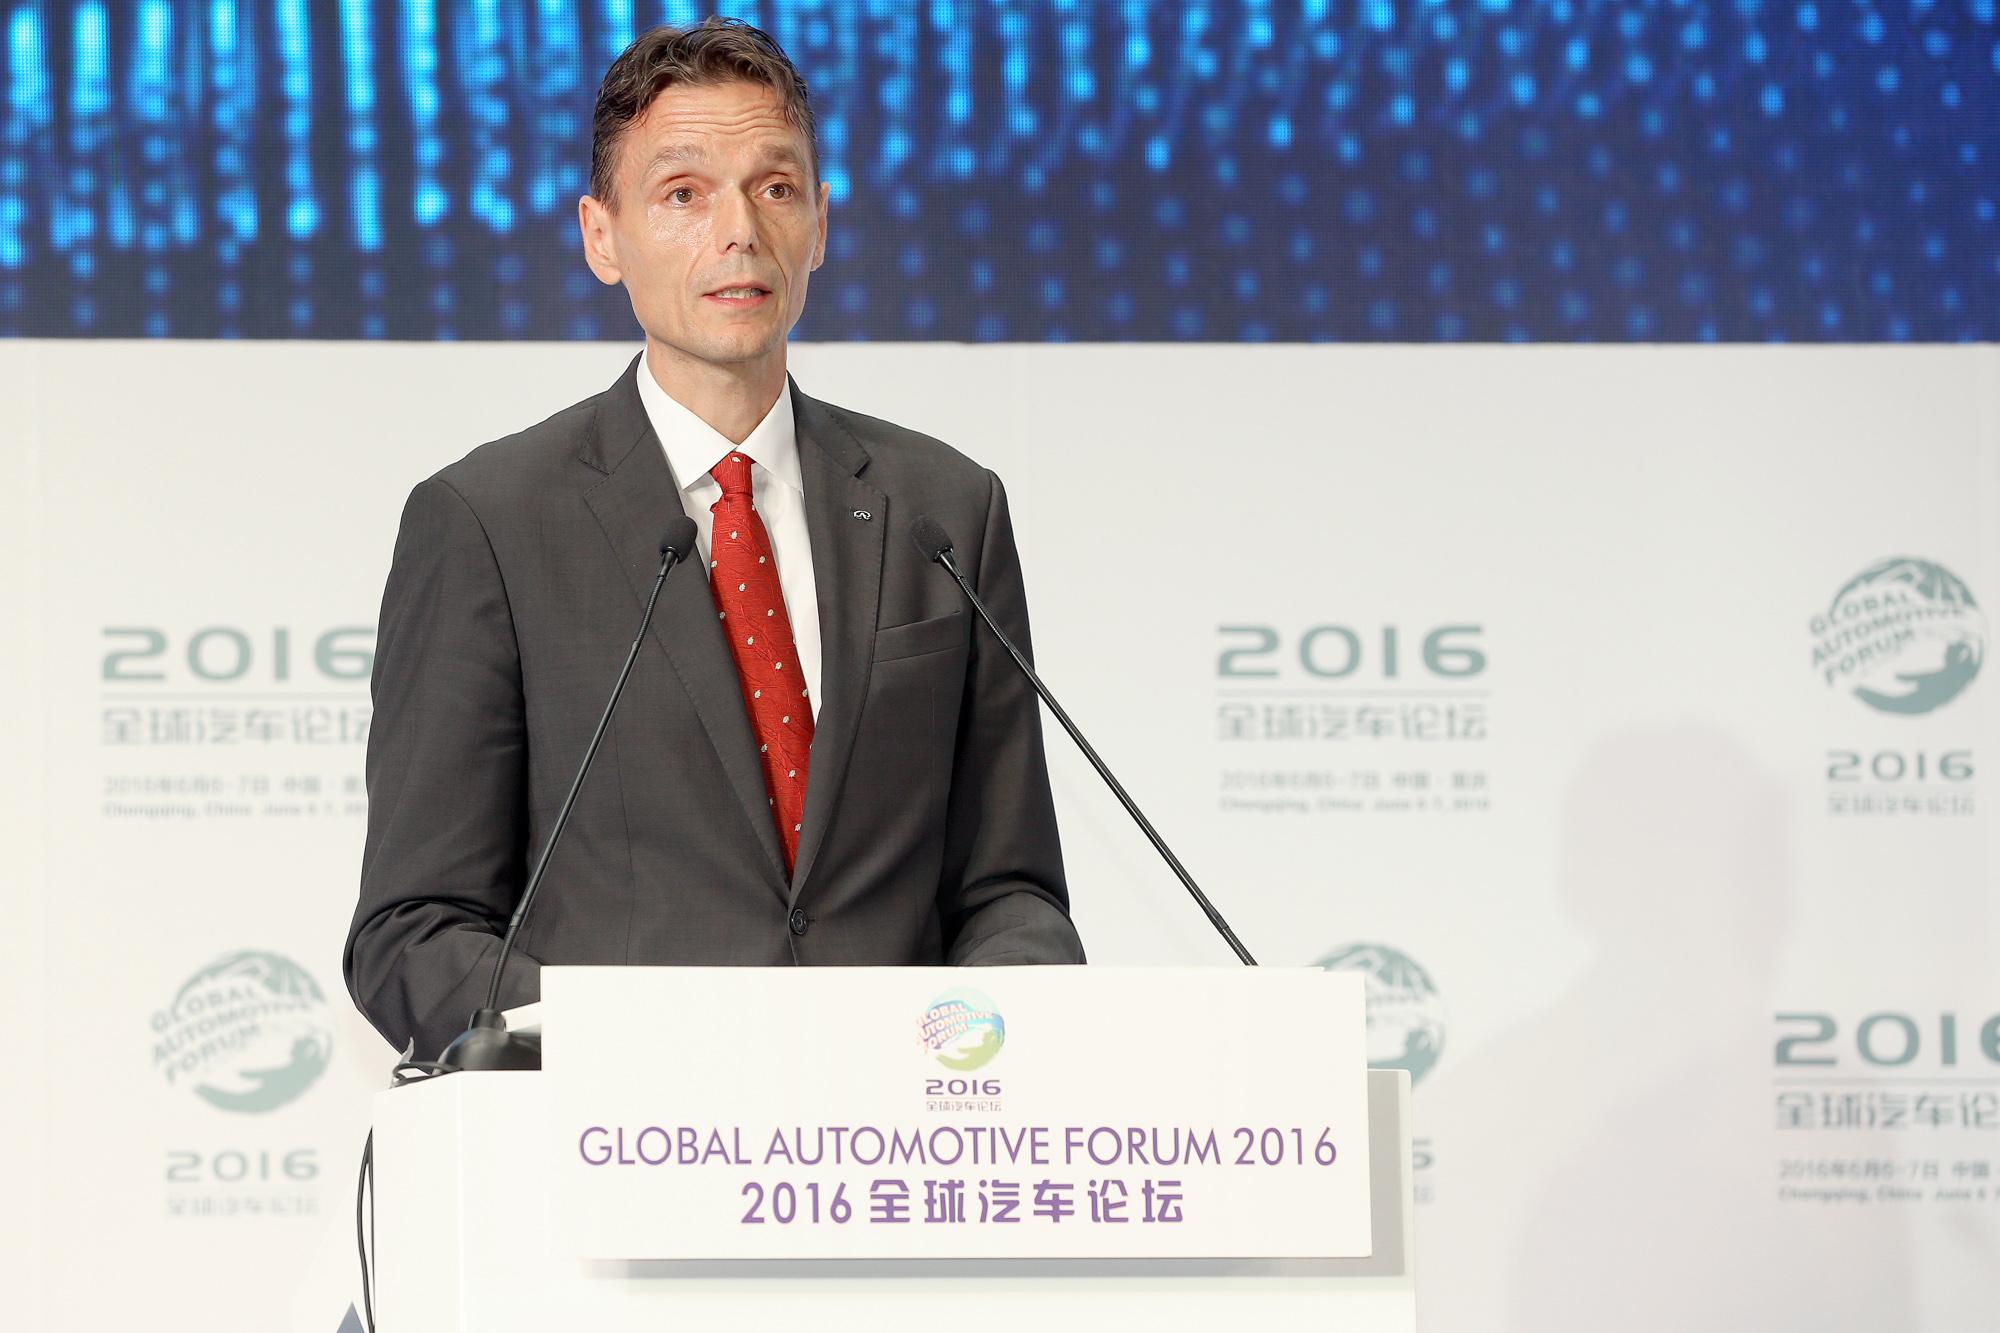 罗兰•克鲁格:贡献中国汽车行业的可持续发展